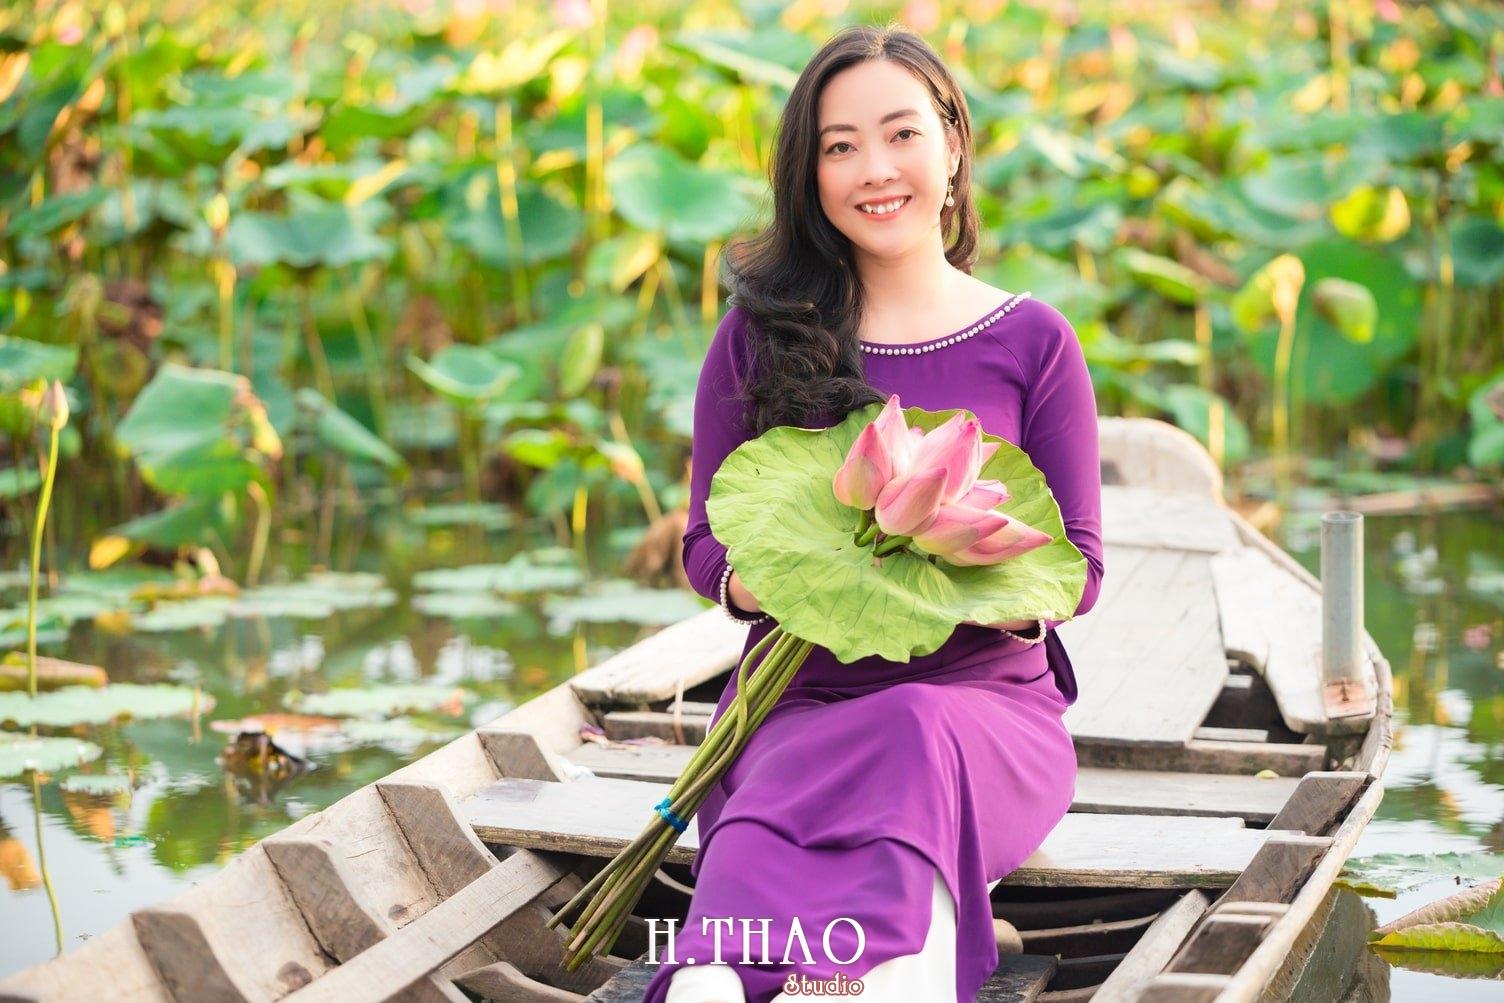 Anh Hoa sen tam da 18 - Bộ ảnh hoa sen với áo dài tím đẹp dễ thương - HThao Studio